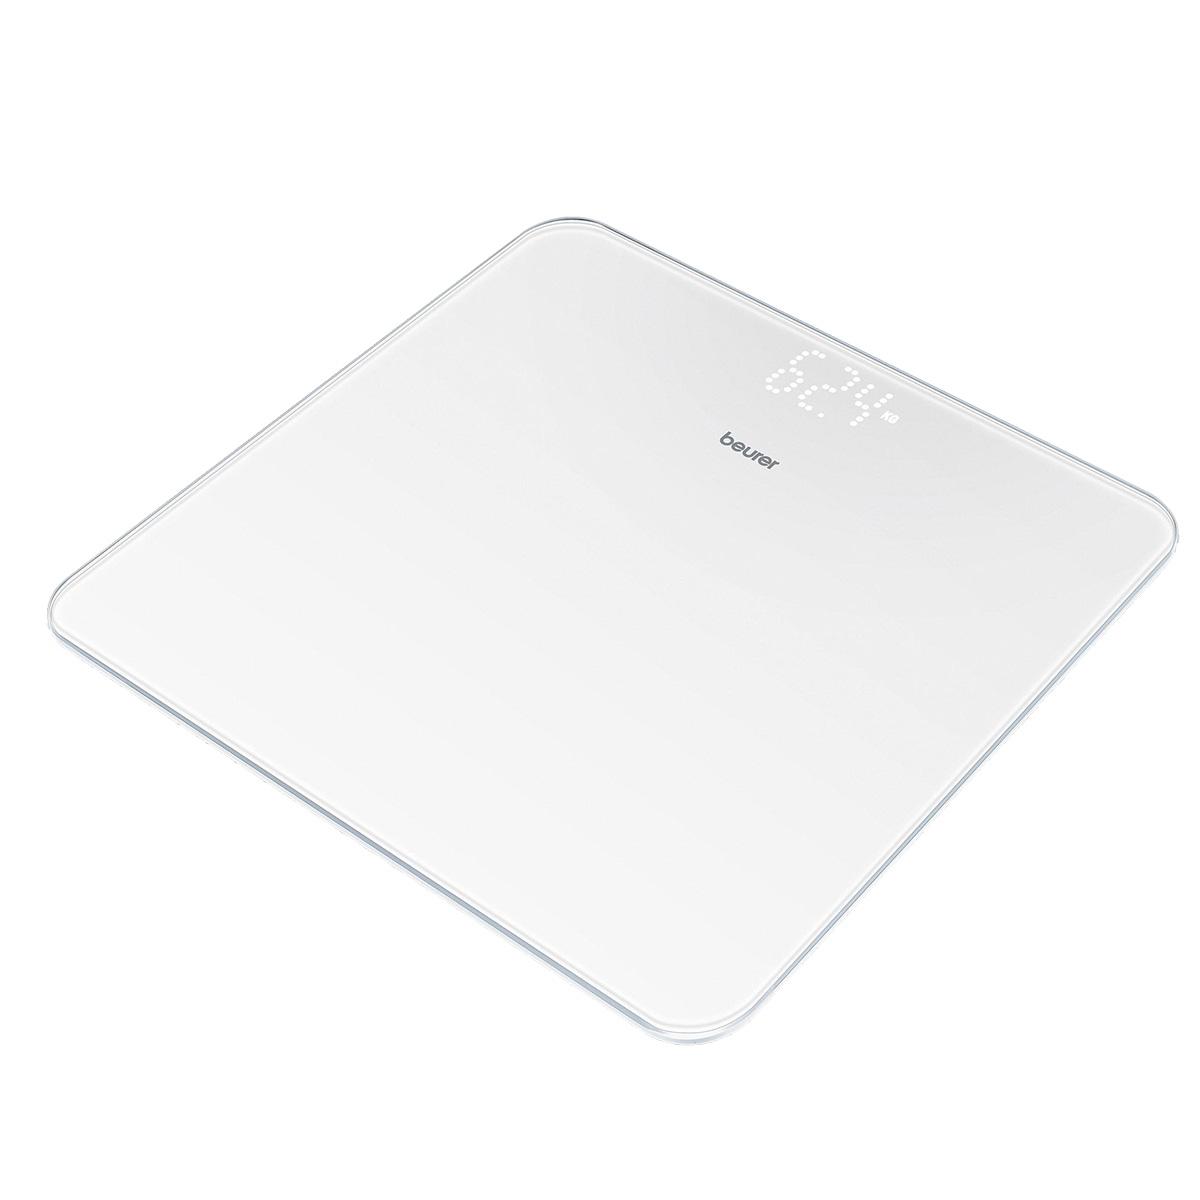 Beurer badevægt - GS225 - Hvid